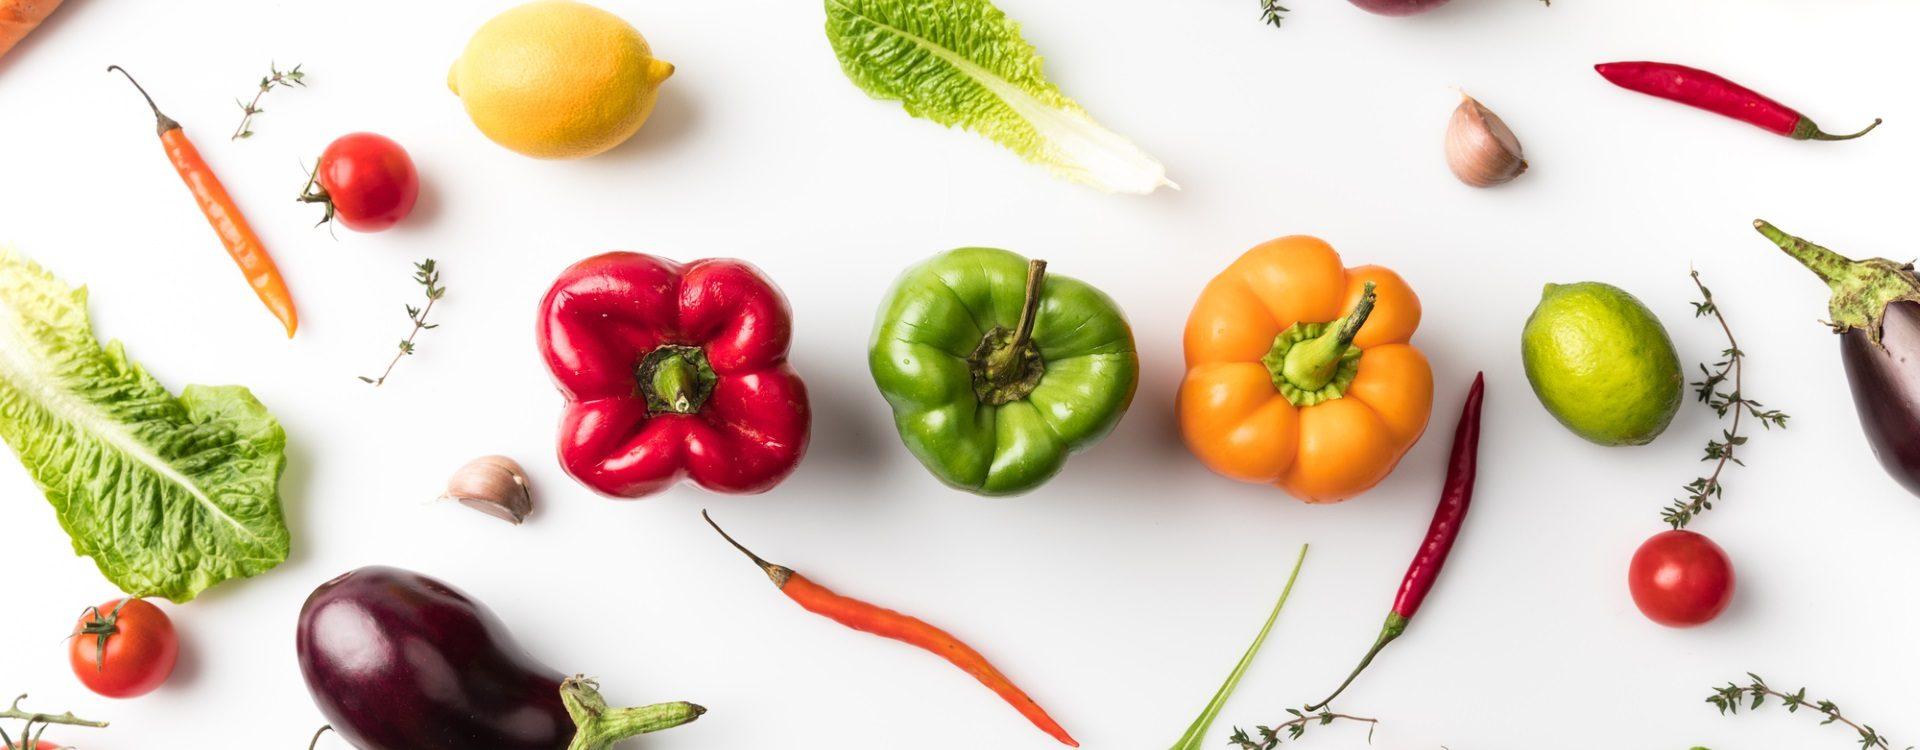 Interesse für gesunde Ernährung wecken